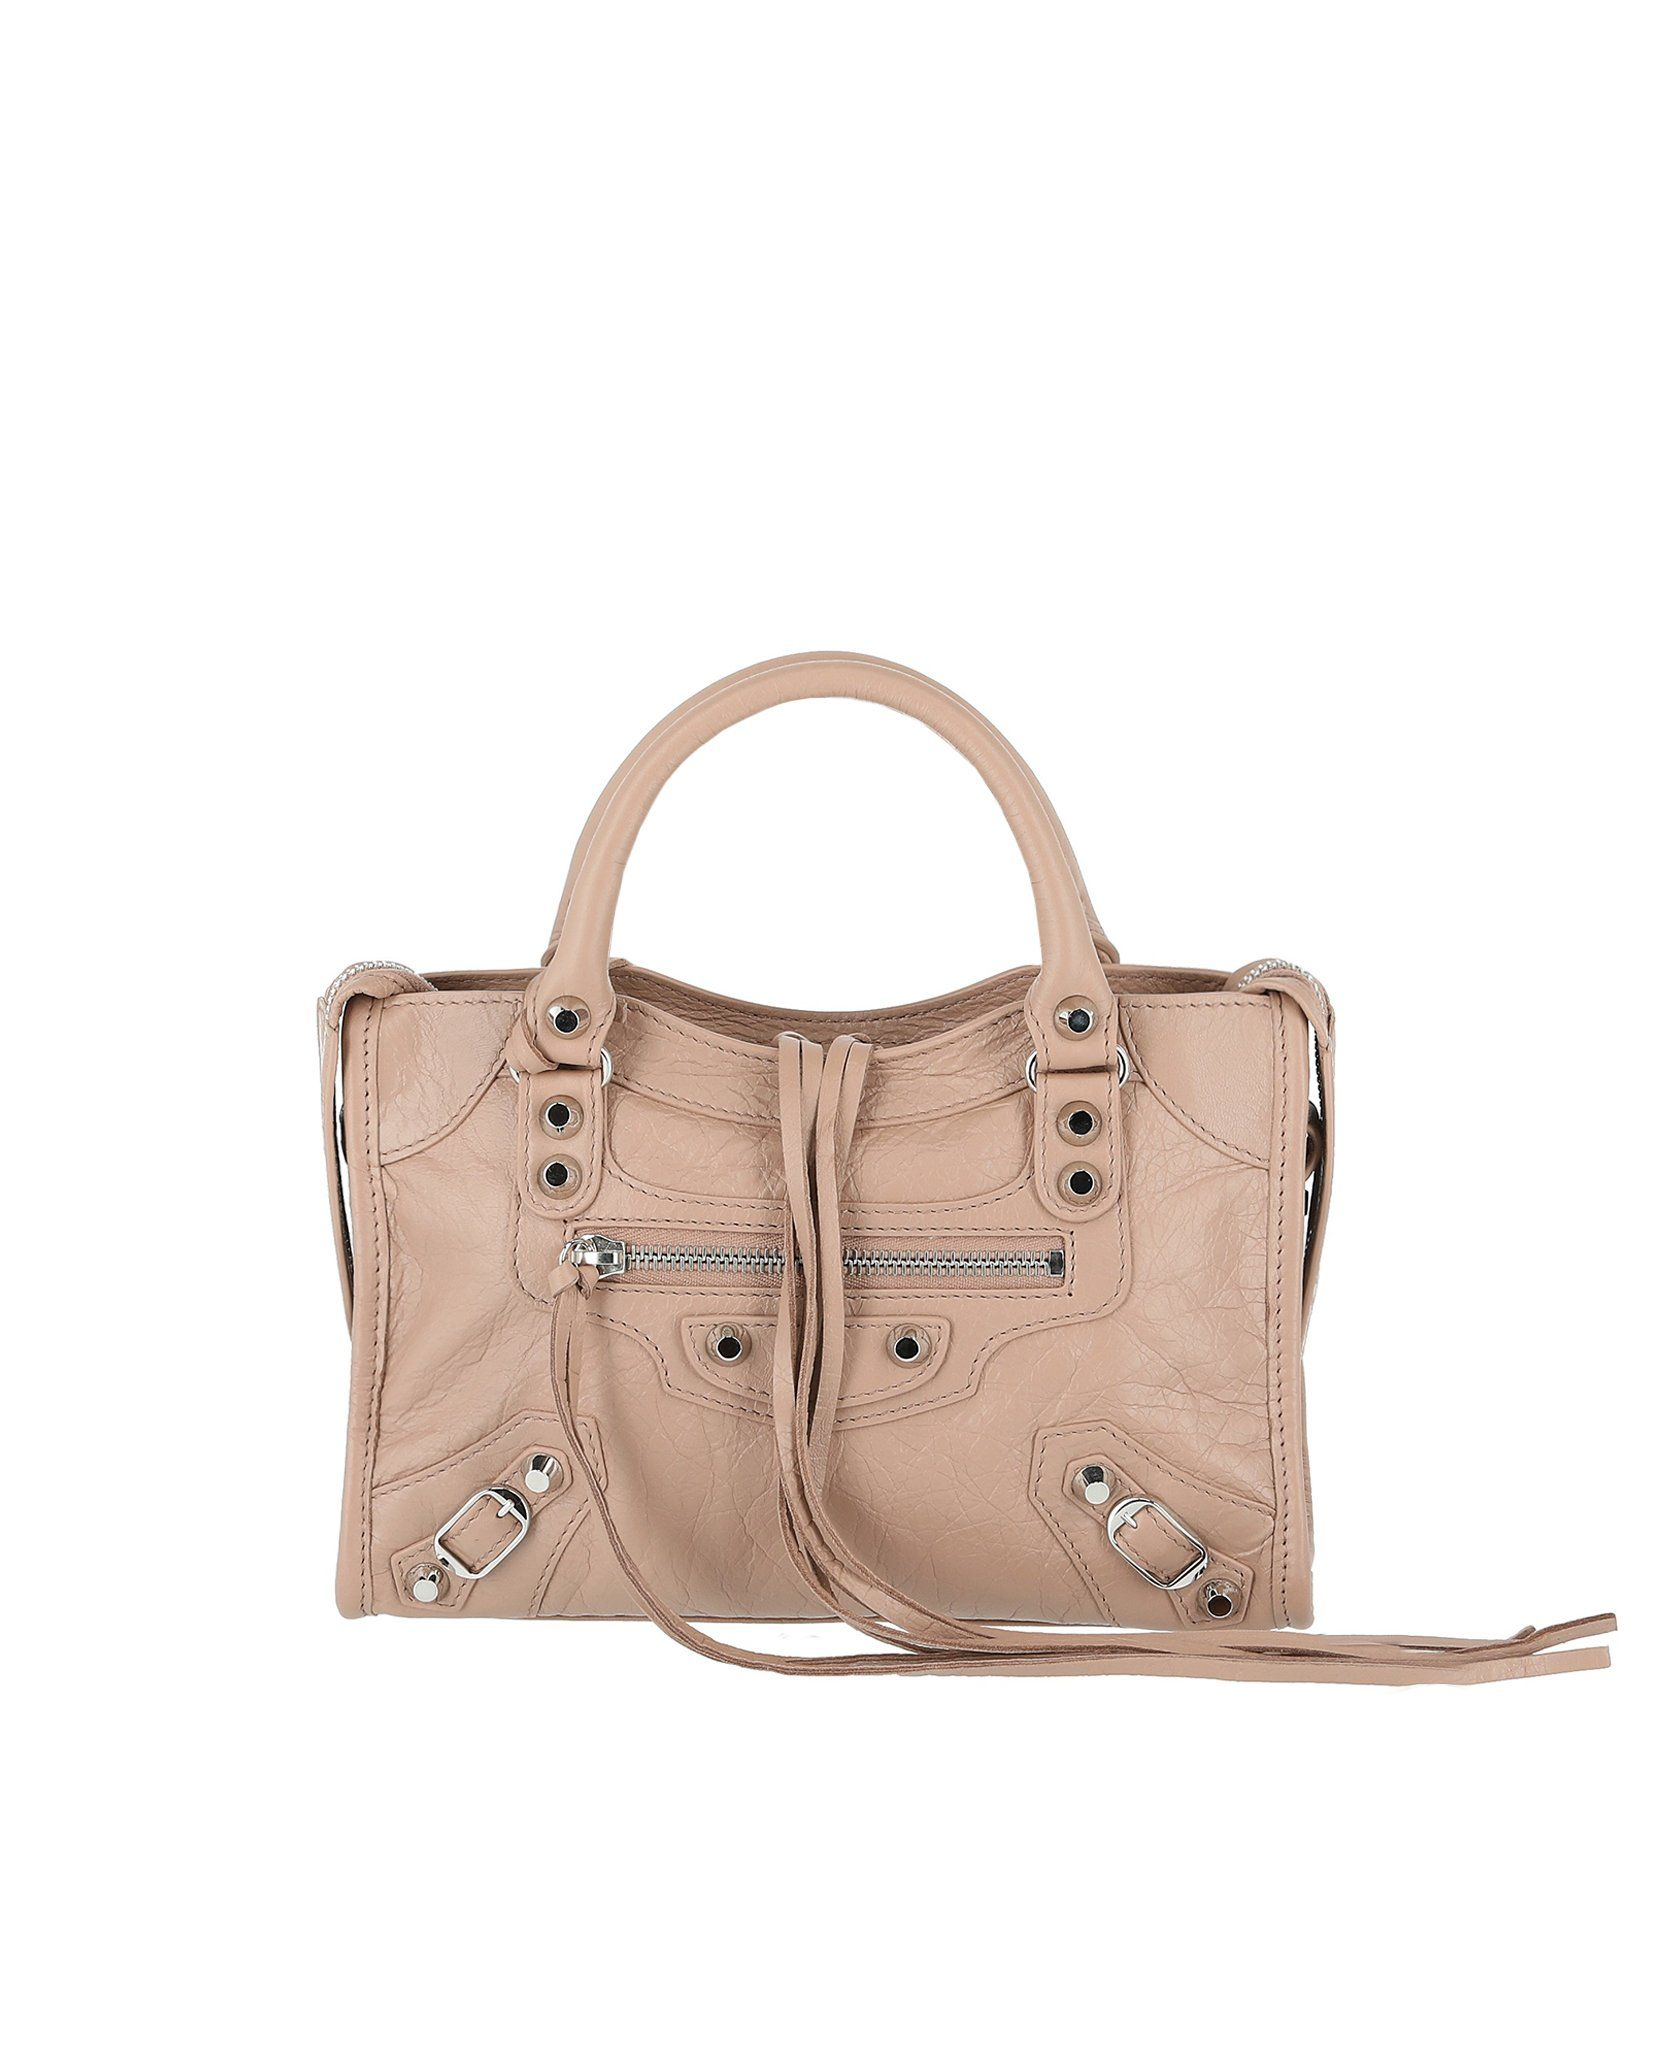 Balenciaga Women s Classic Gold Mini City Shoulder Bag  7de8b883c4